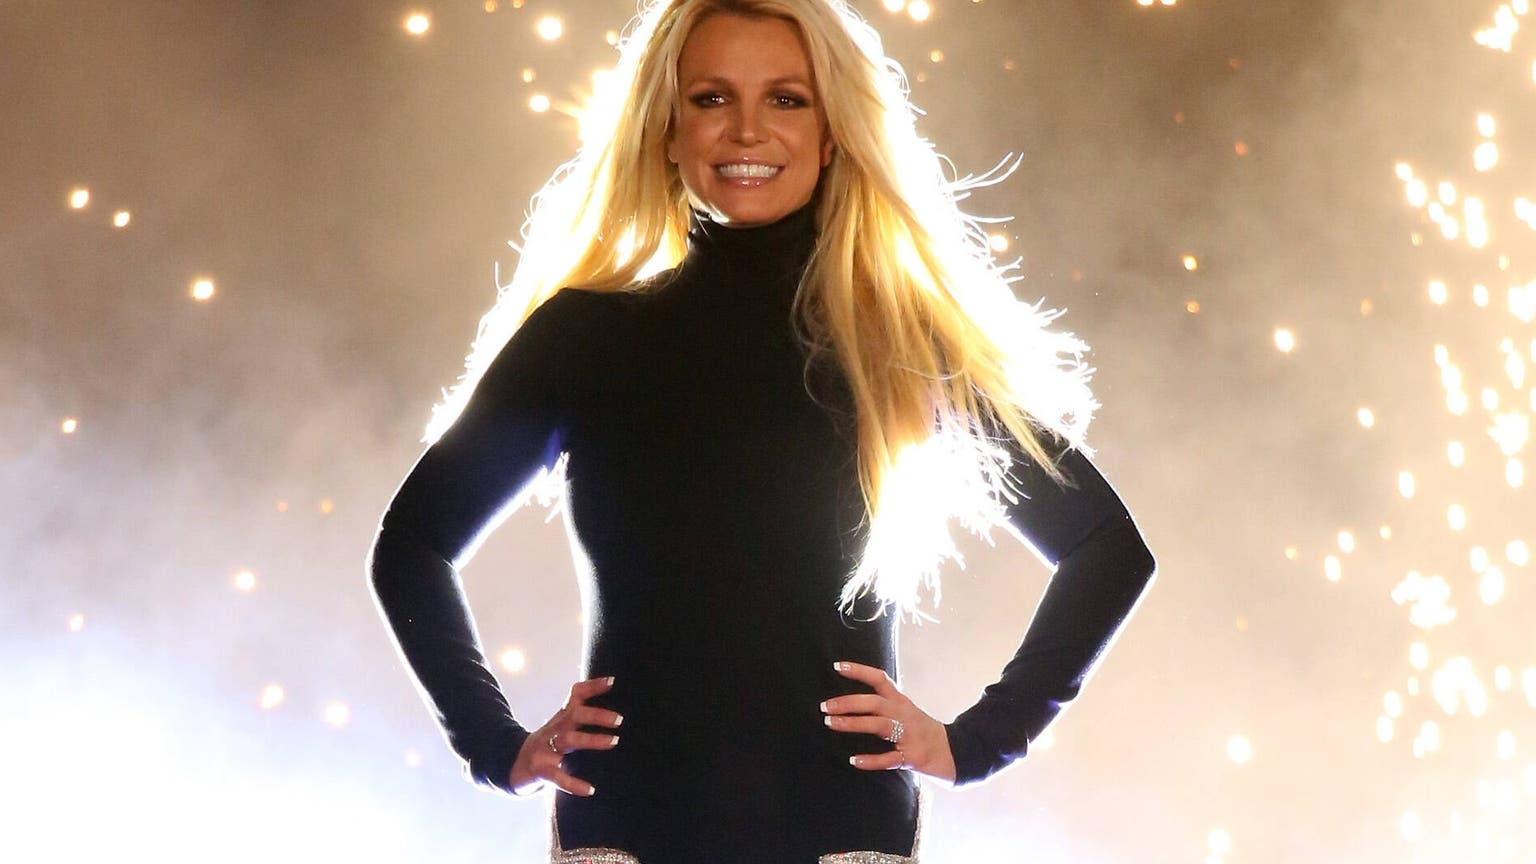 Der Fall Britney Spears: Wie ein perverses Medien- und Justizsystem einen Weltstar zerstörte